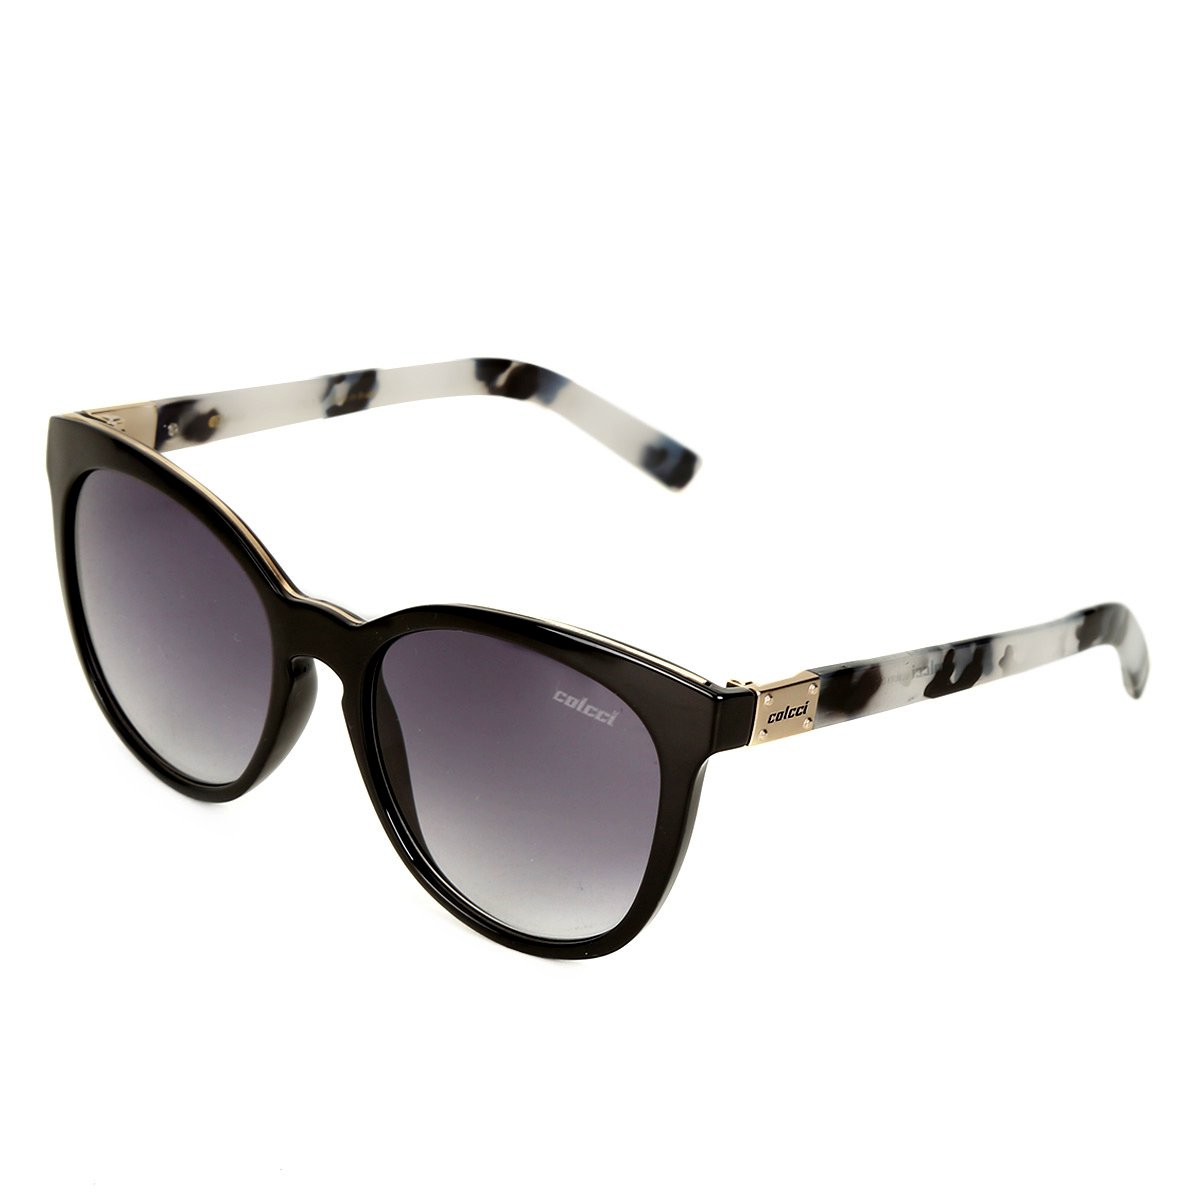 Óculos de Sol Colcci Gatinho Nina Brilho Demi Leitoso Feminina ... 9507cae1ce